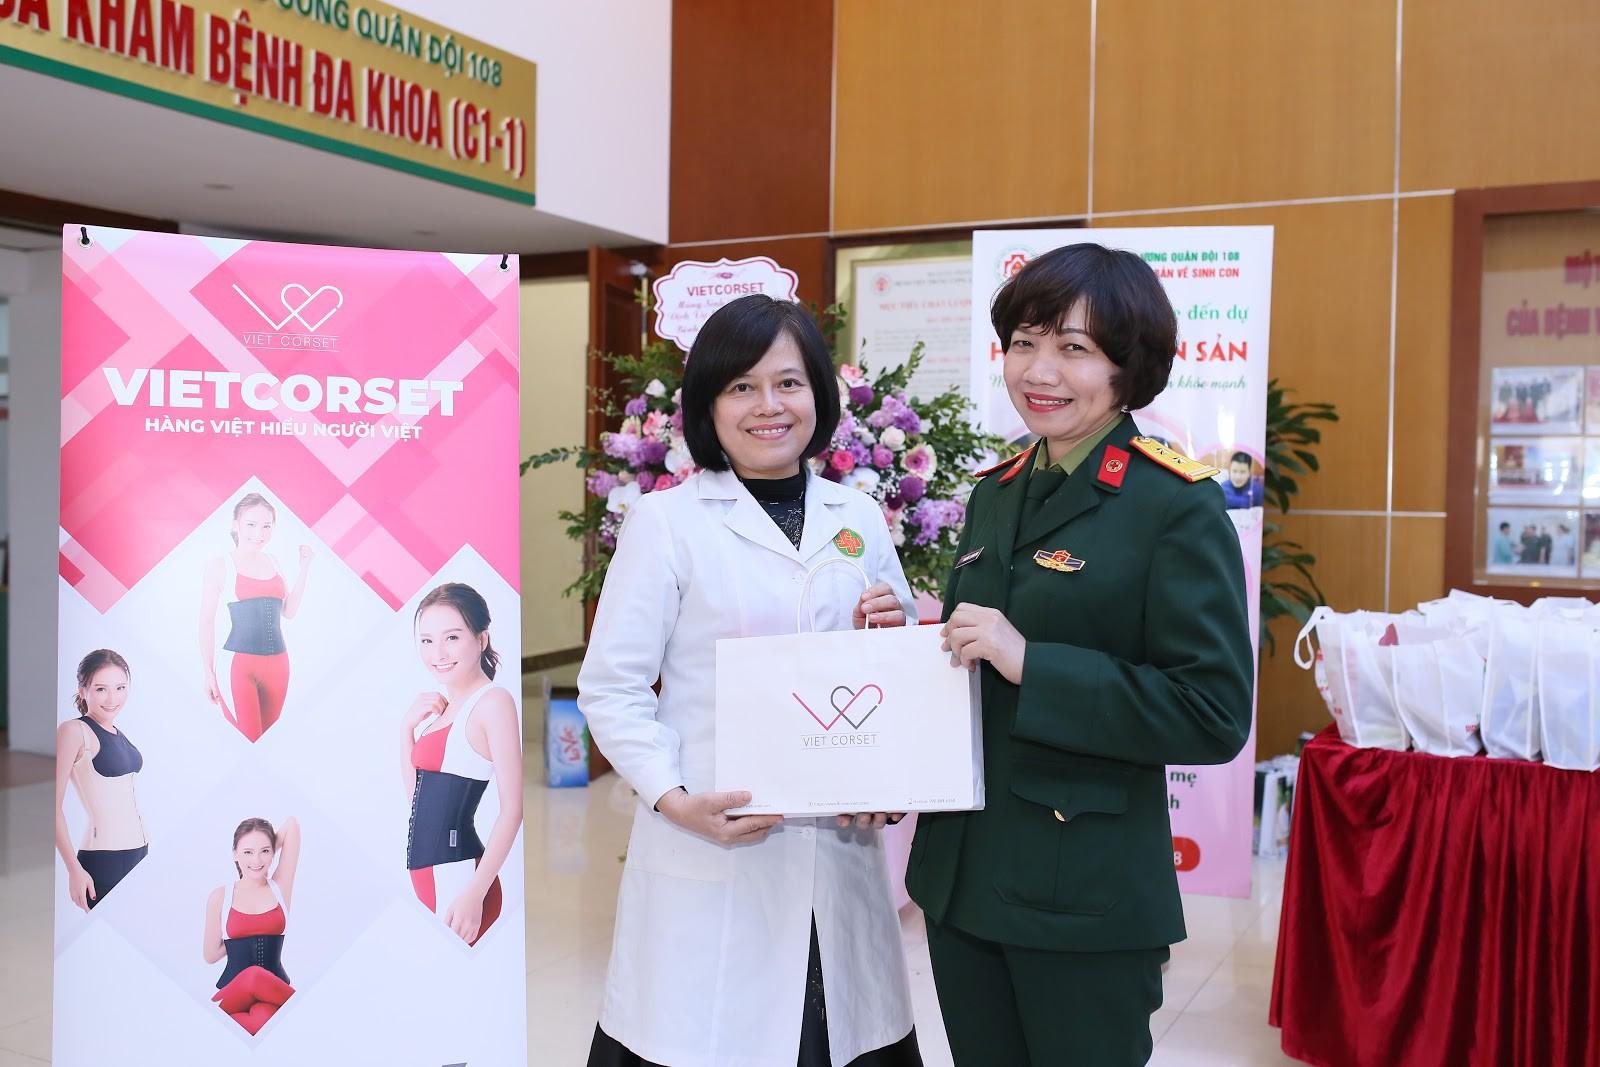 Latex giảm eo made in Việt Nam được giới thiệu hoành tráng tại hội nghị Bệnh viện TƯQĐ 108 - Ảnh 7.